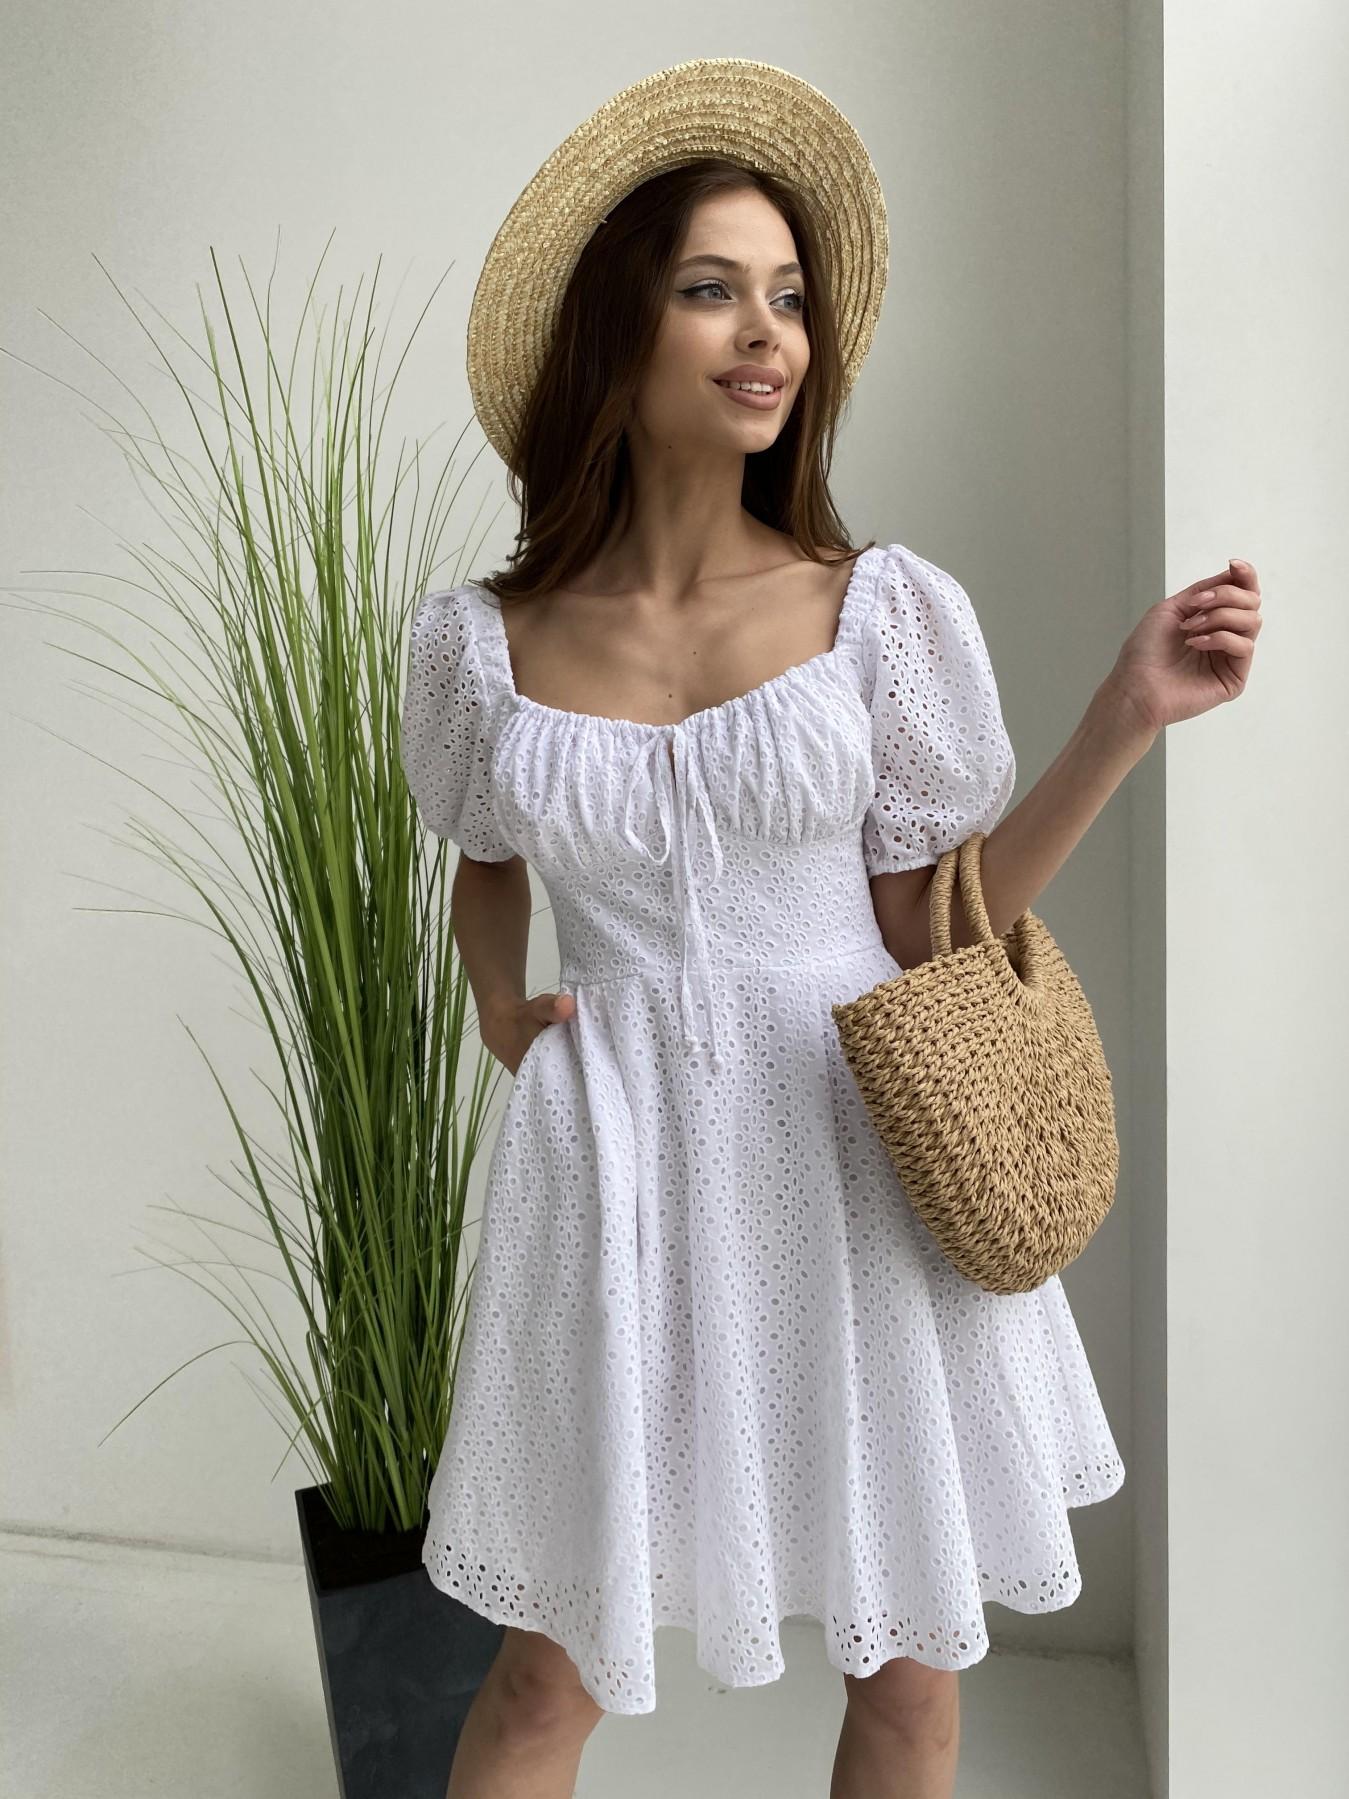 Купить платья оптом Украина Кисес мини платье из прошвы 11439